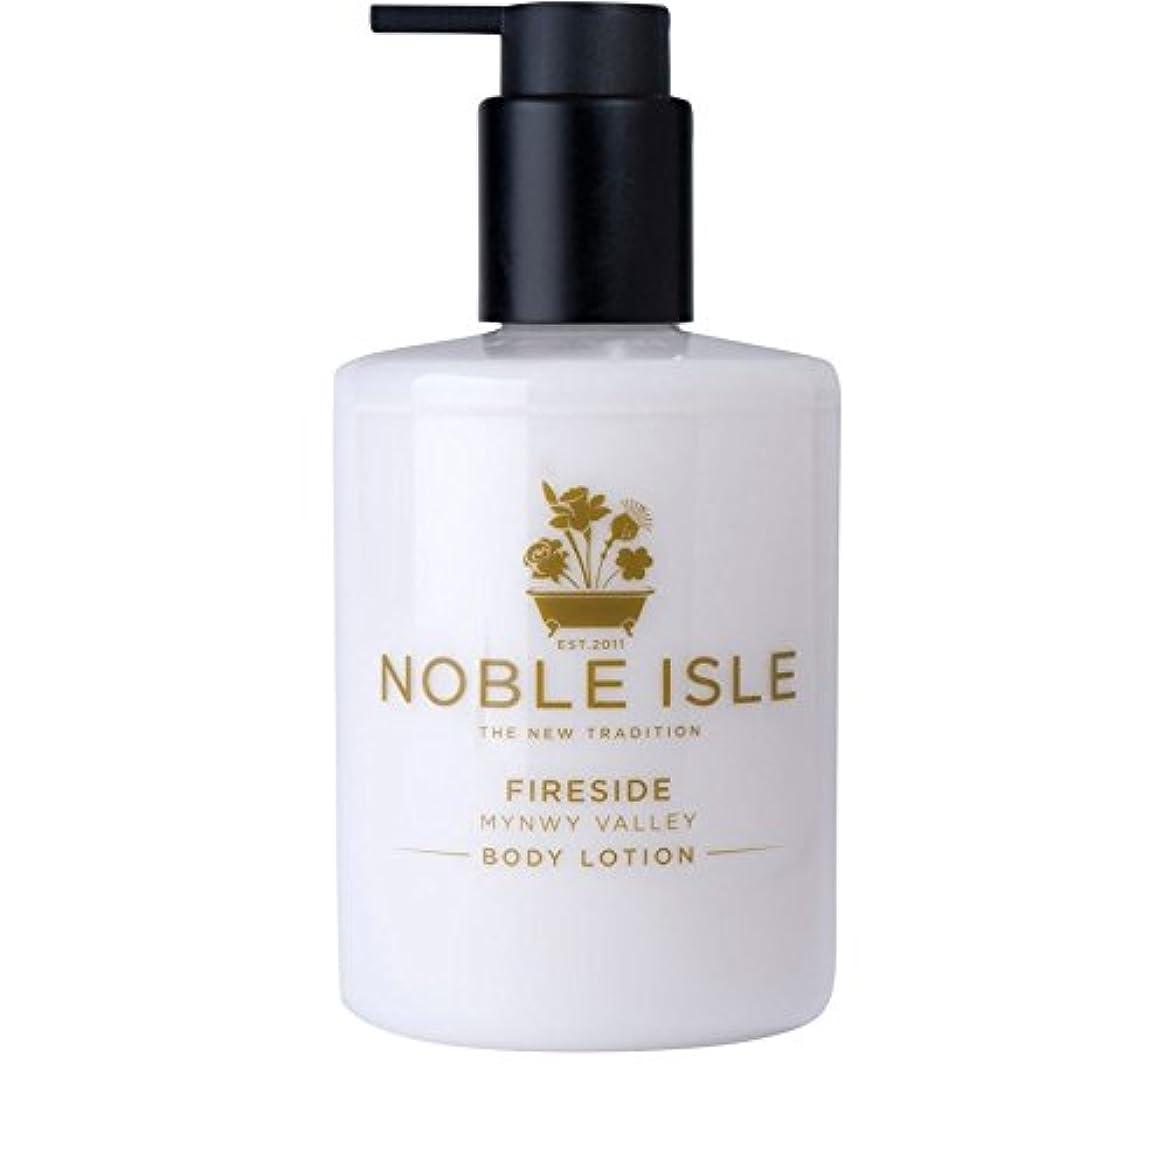 フェデレーション近代化する近代化する高貴な島炉端谷のボディローション250ミリリットル x4 - Noble Isle Fireside Mynwy Valley Body Lotion 250ml (Pack of 4) [並行輸入品]